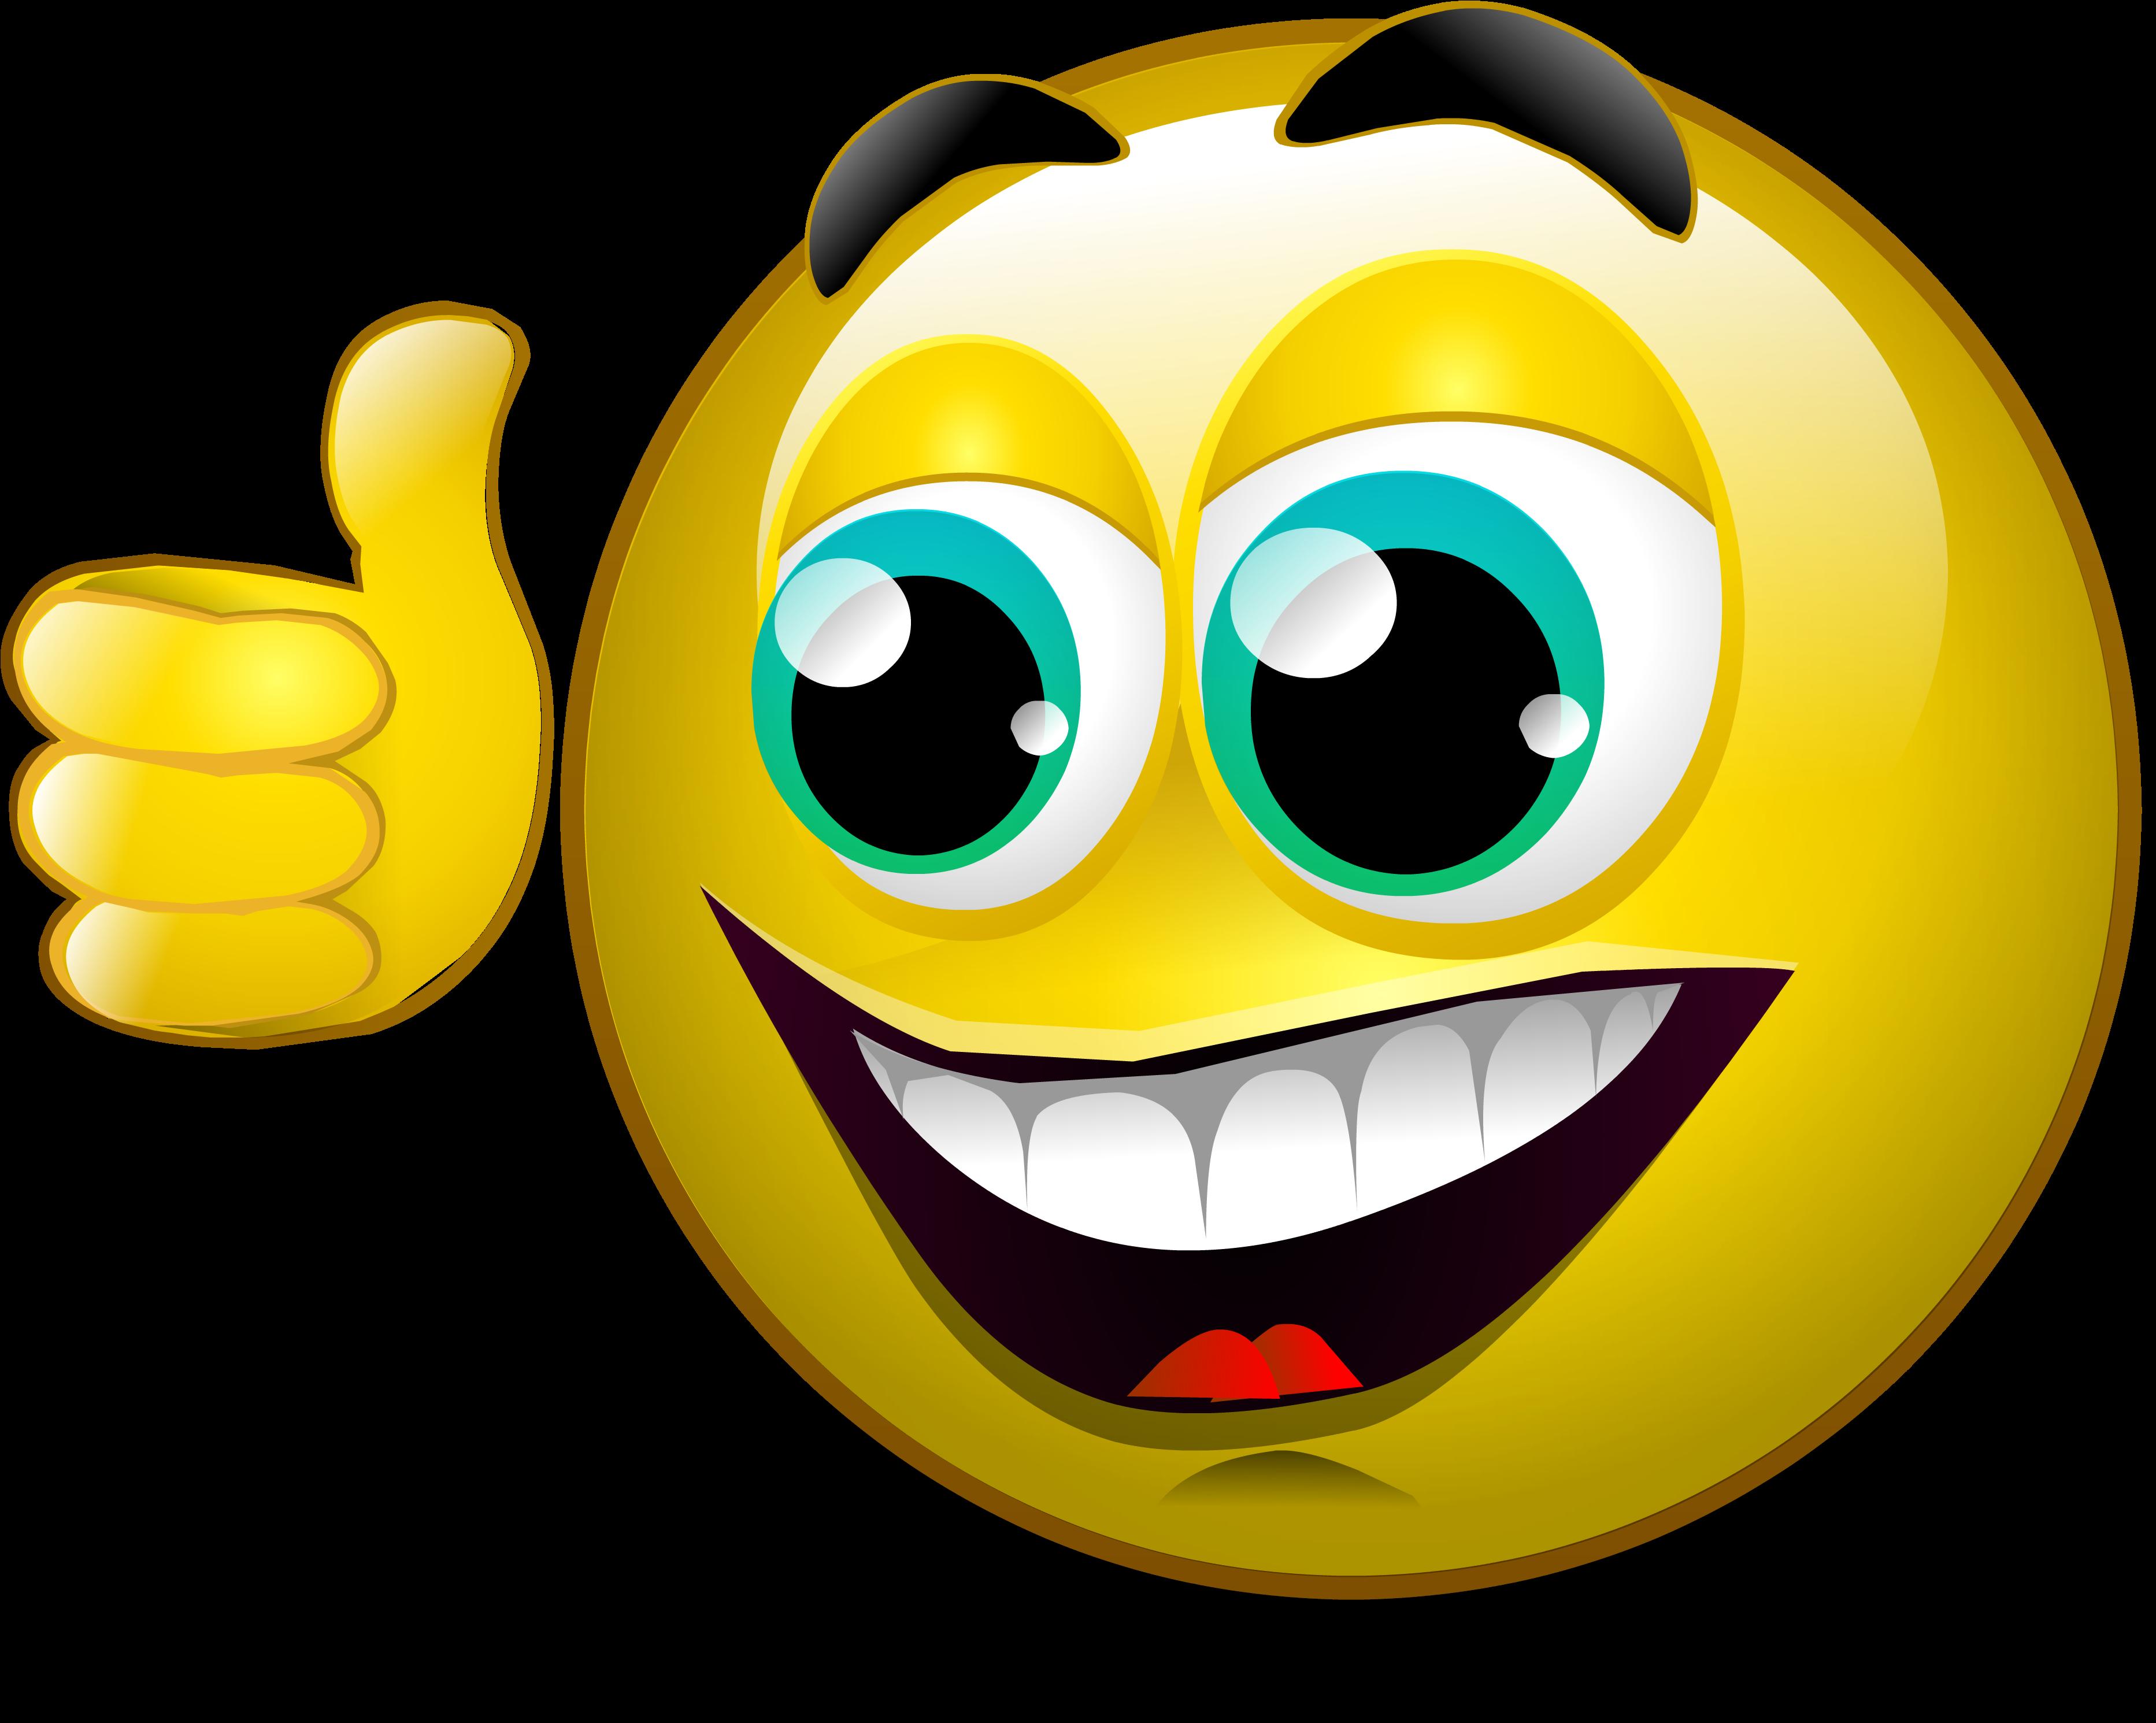 одной смайлы улыбающиеся картинки аккаунт листайте